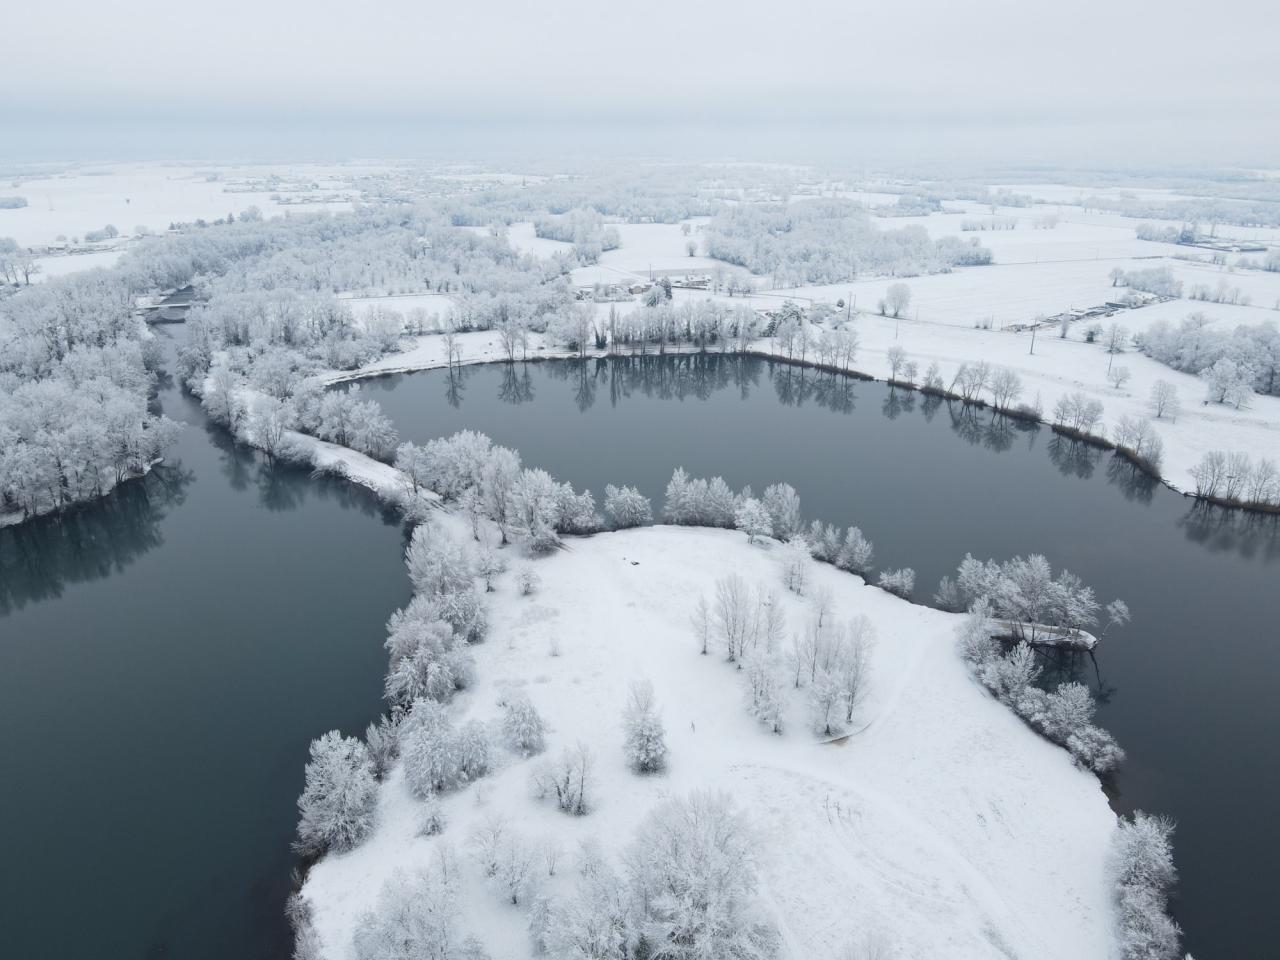 Tarbes, il Lago di Bours sotto la neve (Fonte immagine: Météo Pyrénées via Facebook)